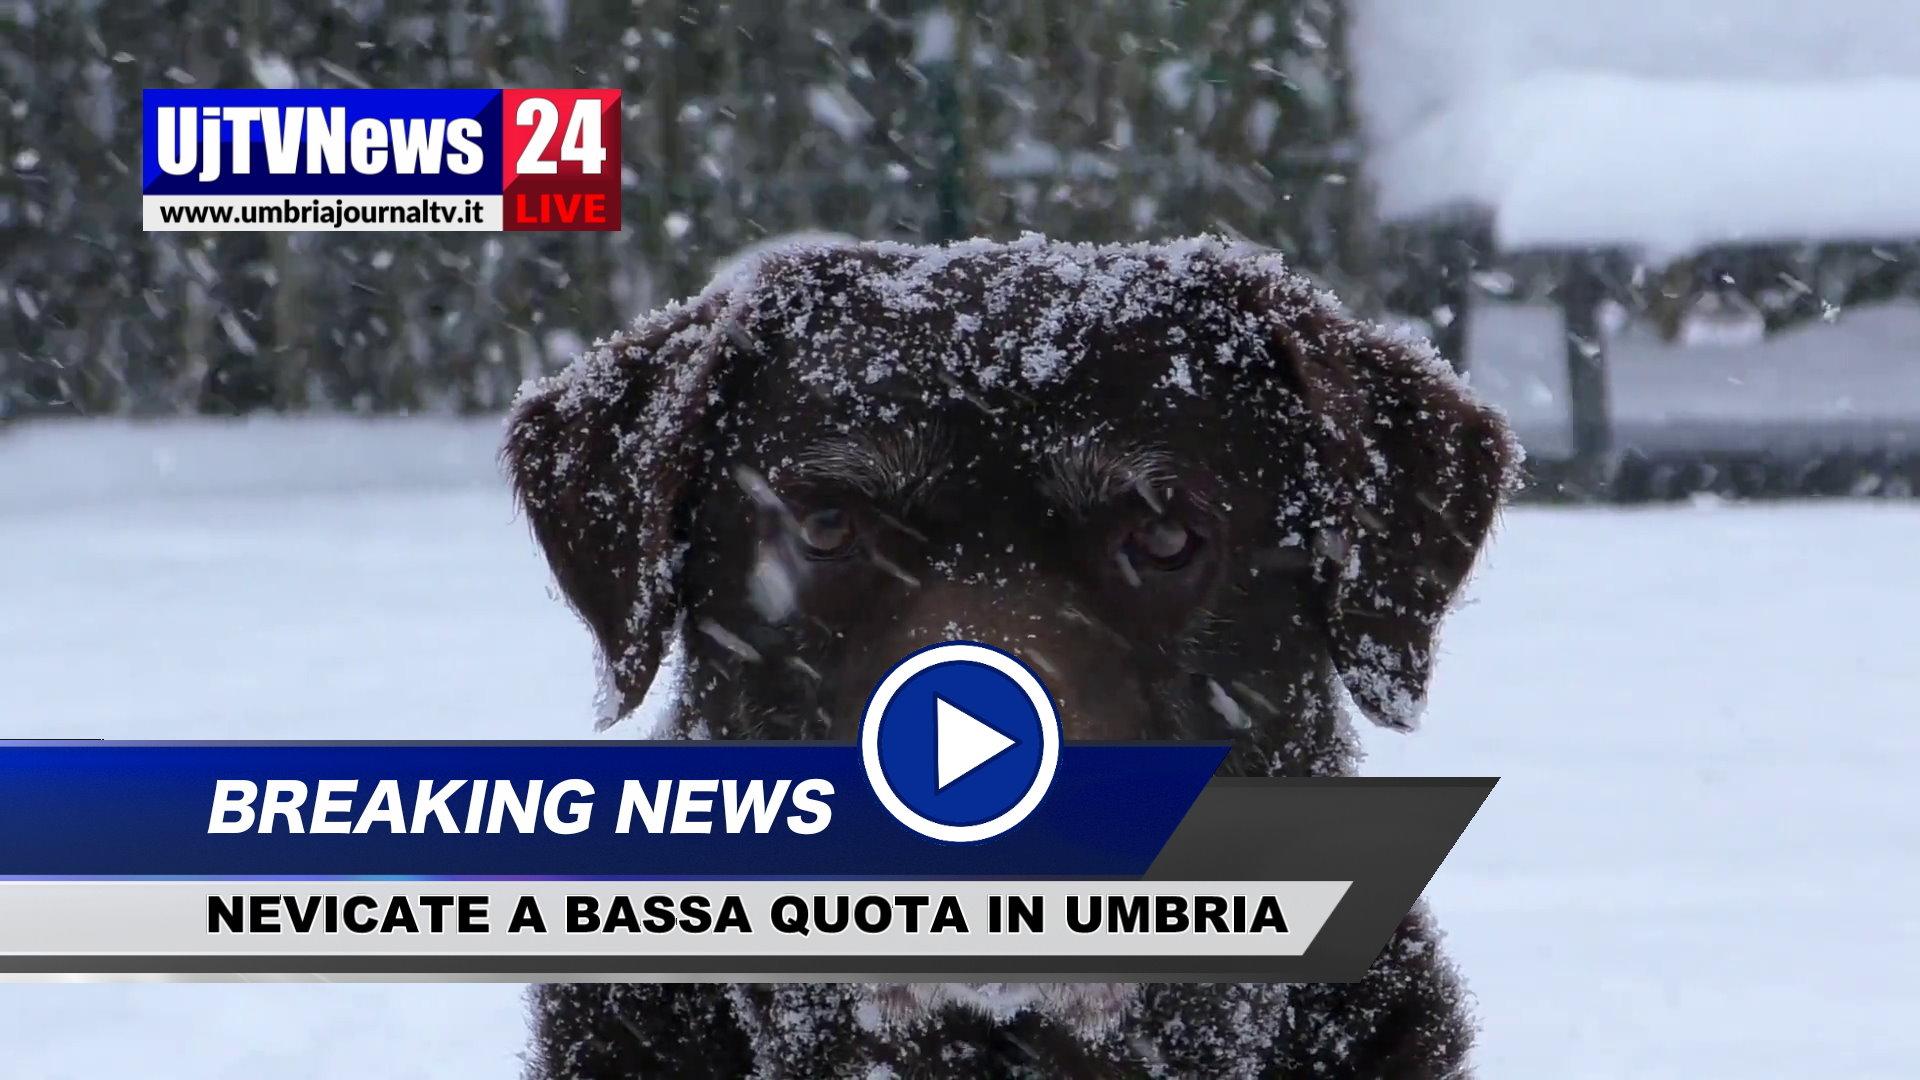 Torna il maltempo sull'Italia, possibili nevicate in Umbria anche a quote basse